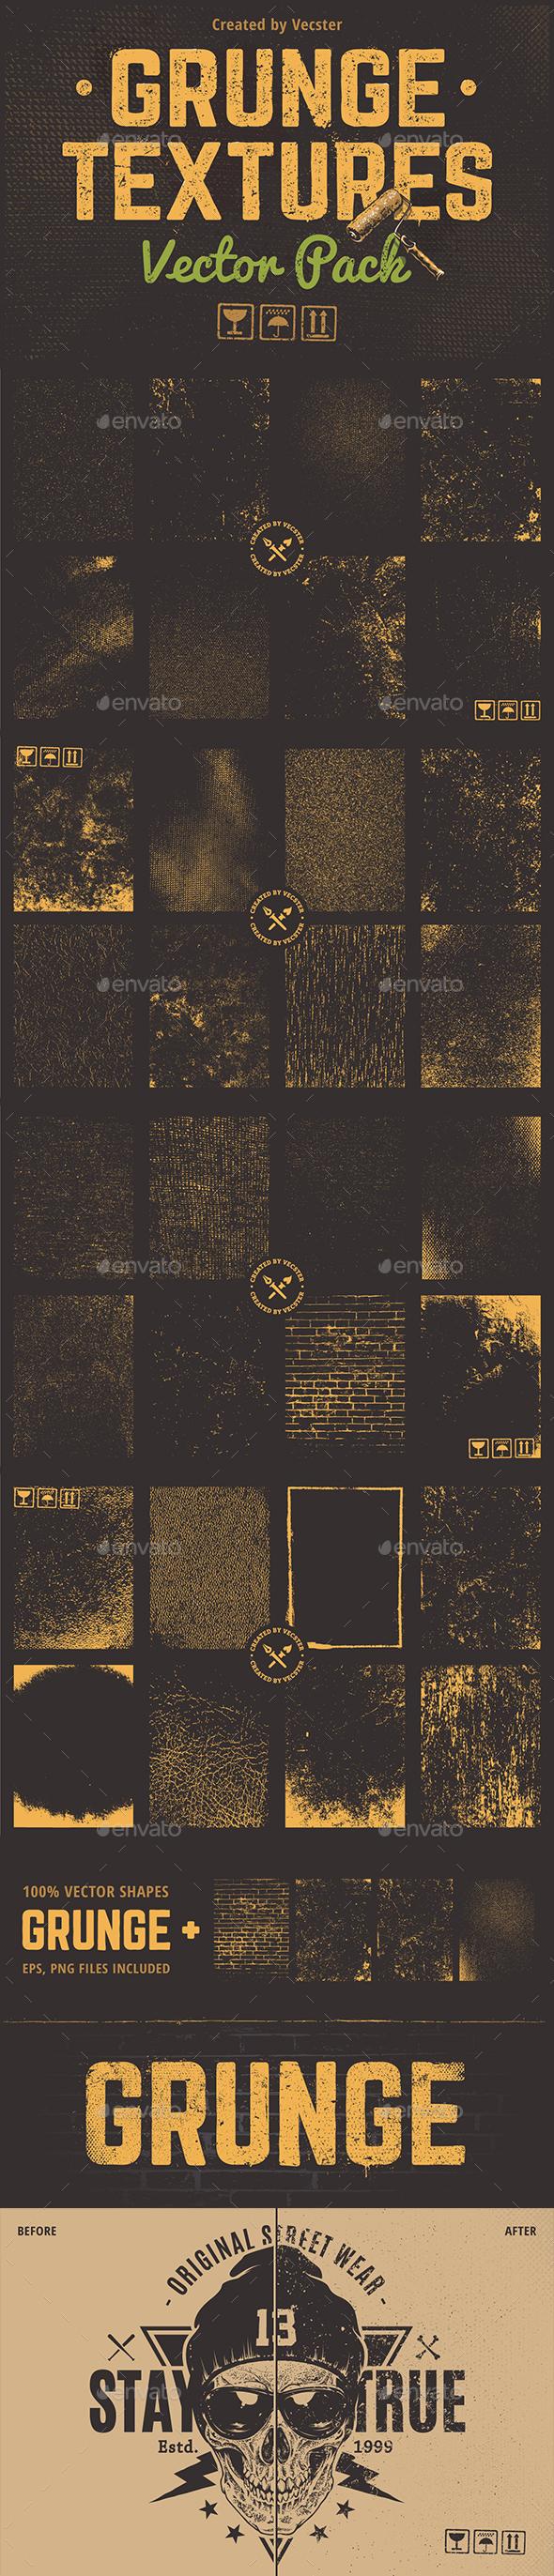 Grunge Textures Vector Pack - Vectors